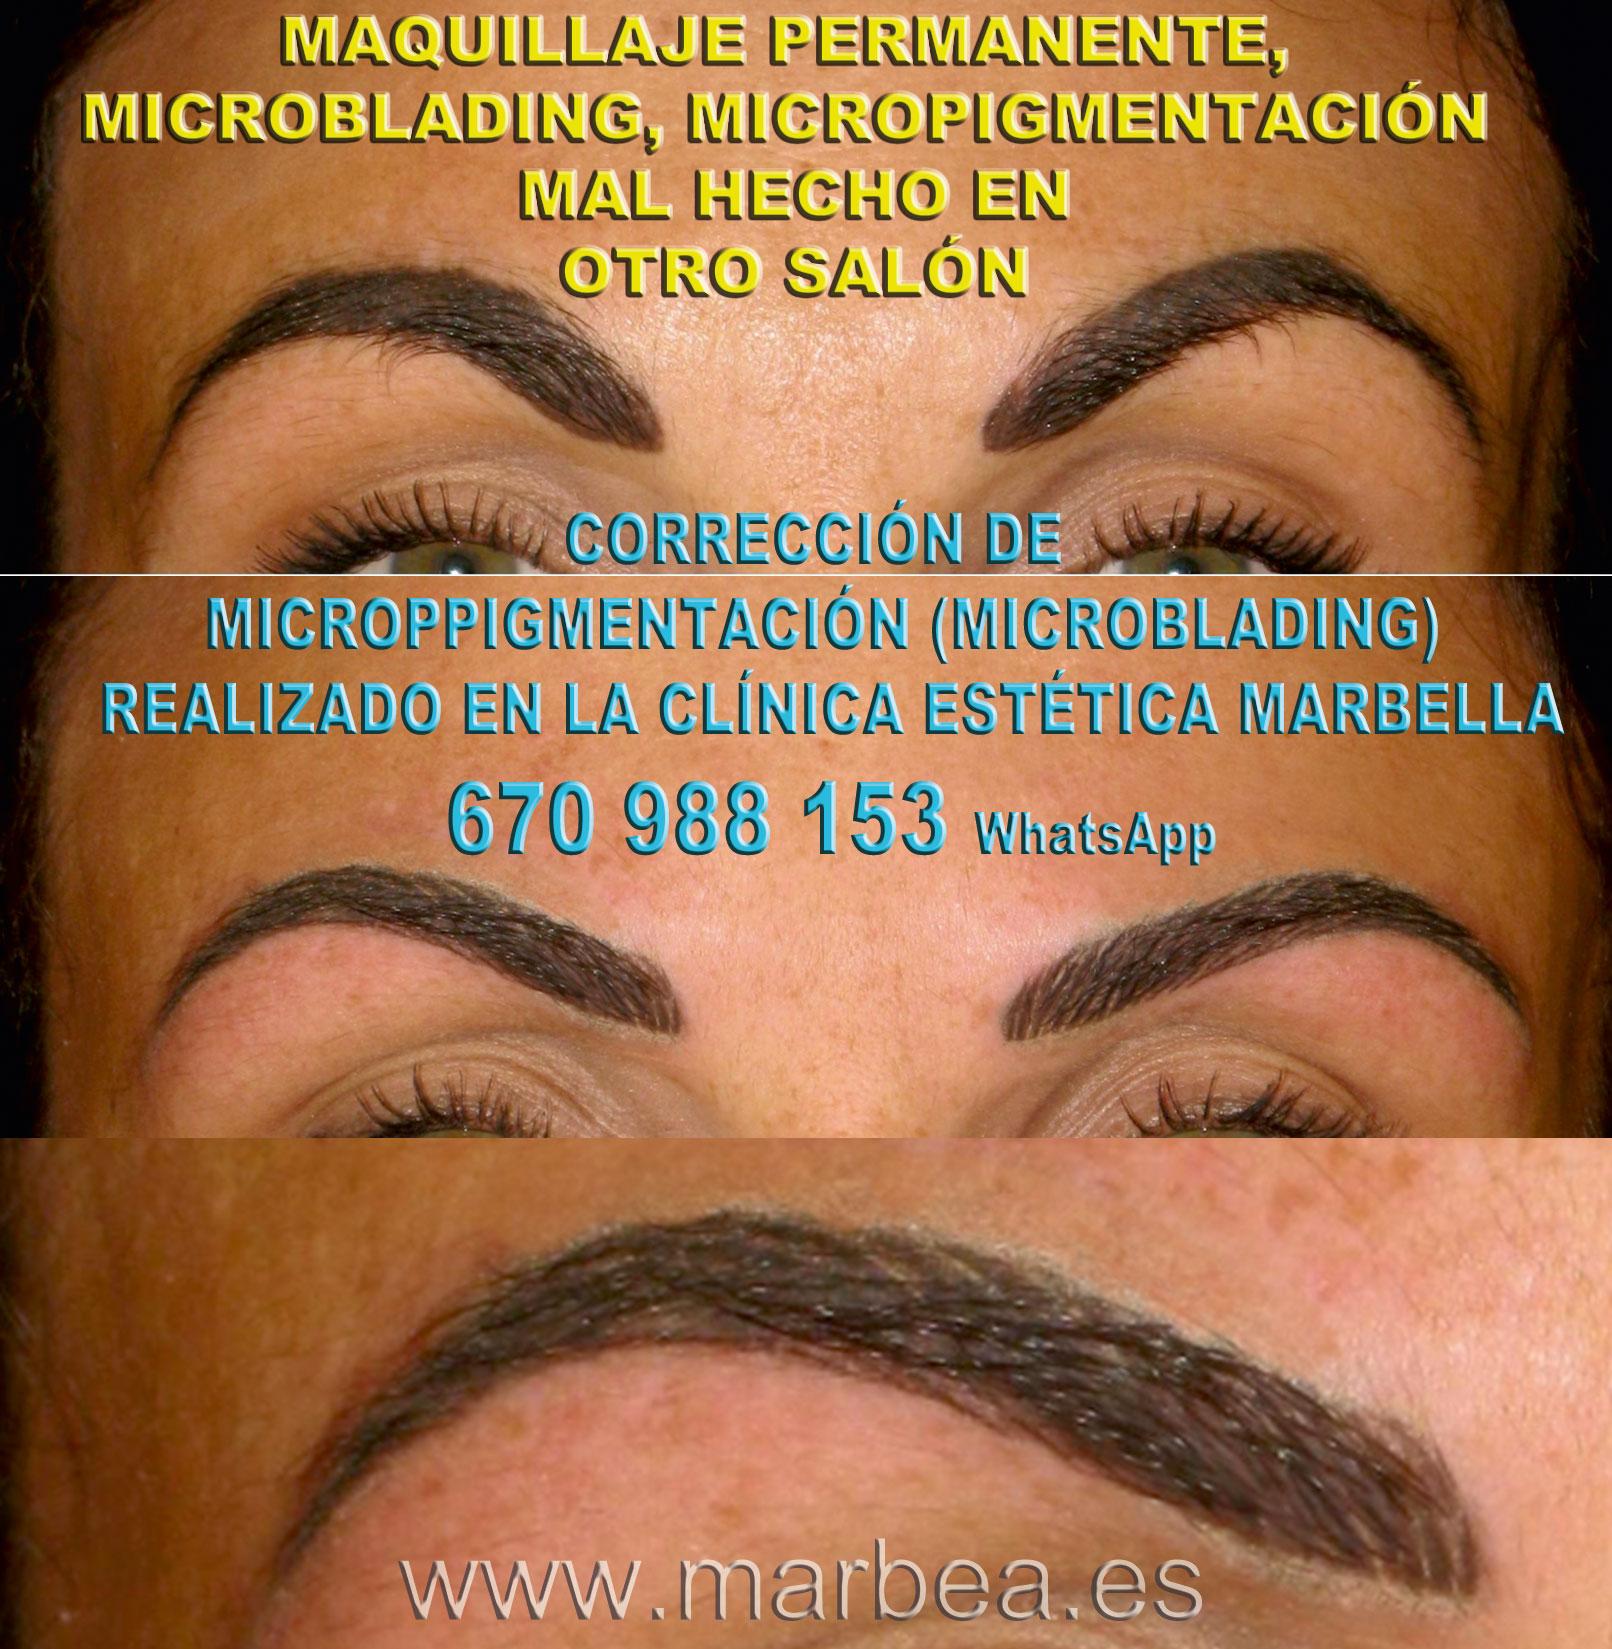 MAQUILLAJE PERMANENTE CEJAS MAL HECHO clínica estética delineados entrega eliminar la micropigmentación de cejas,corregir micropigmentación mal hecha